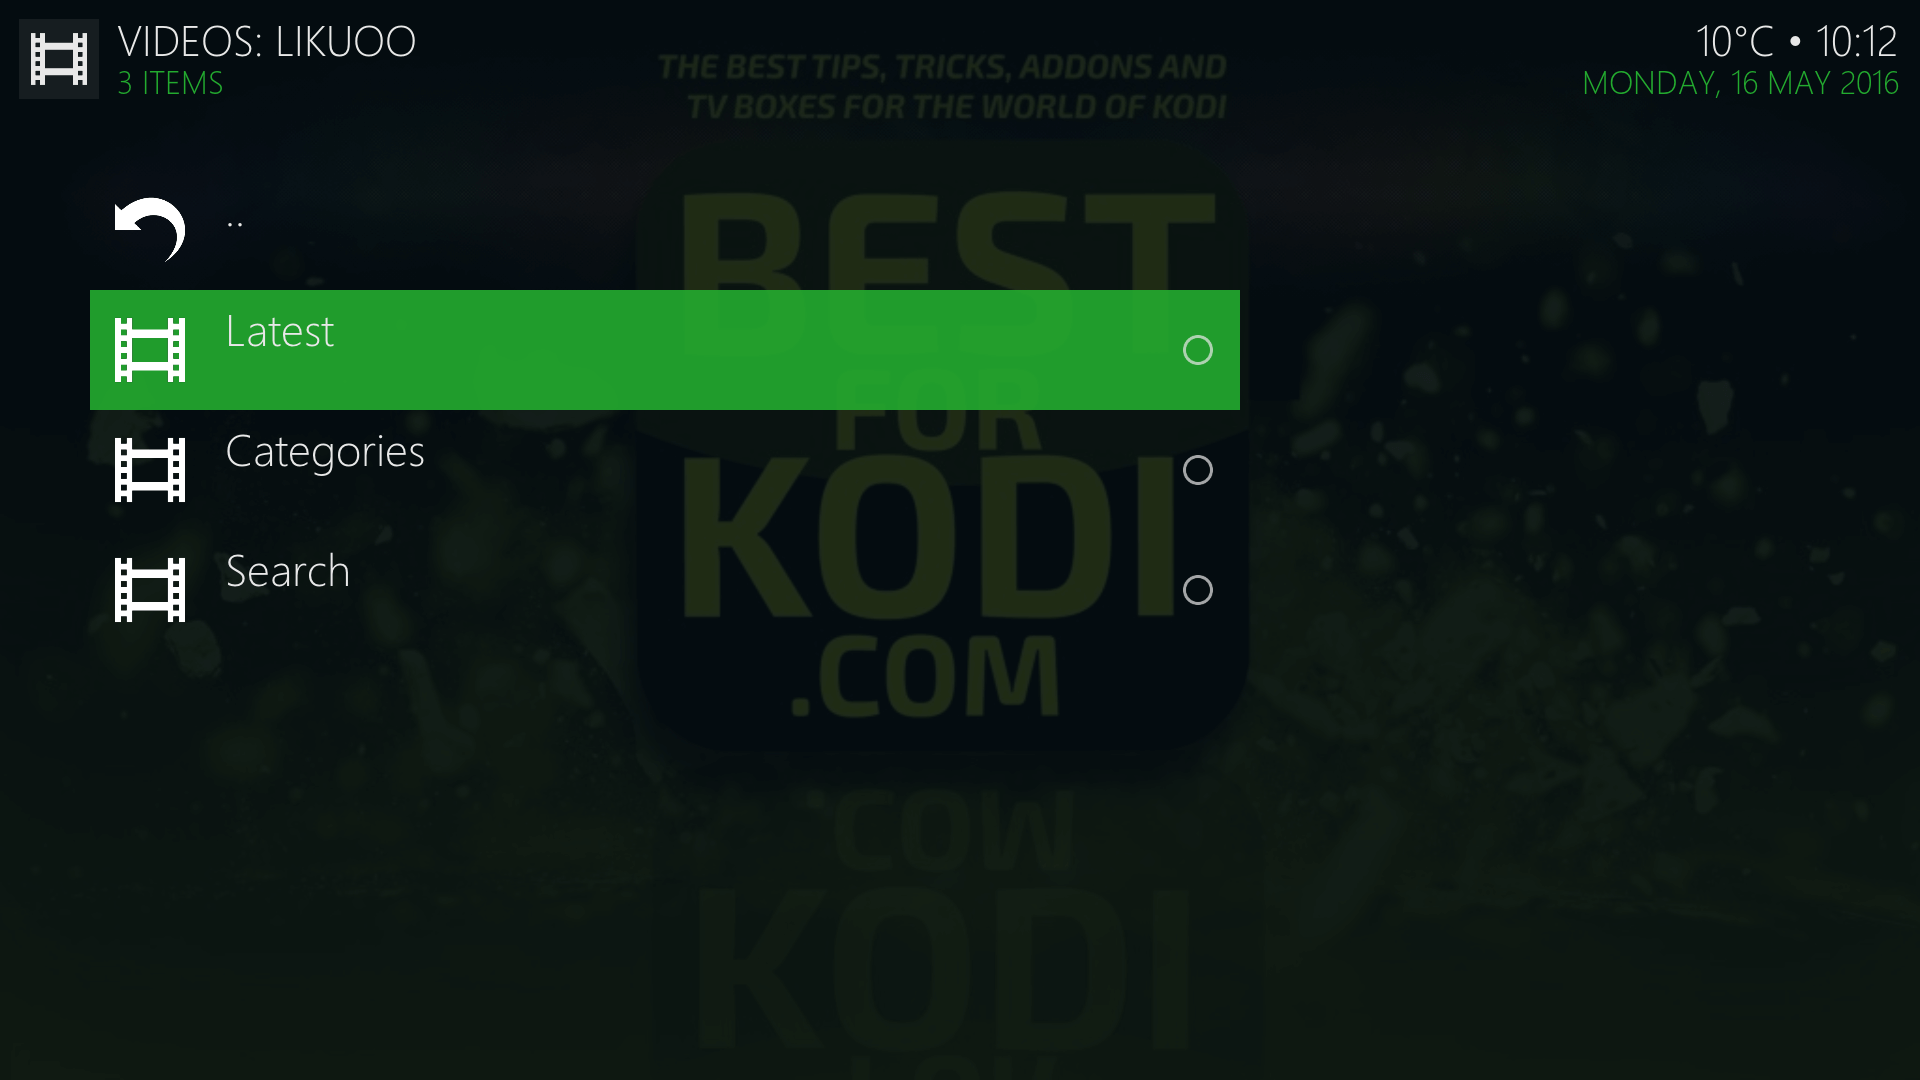 Install Likuoo XXX Adult Kodi Addon